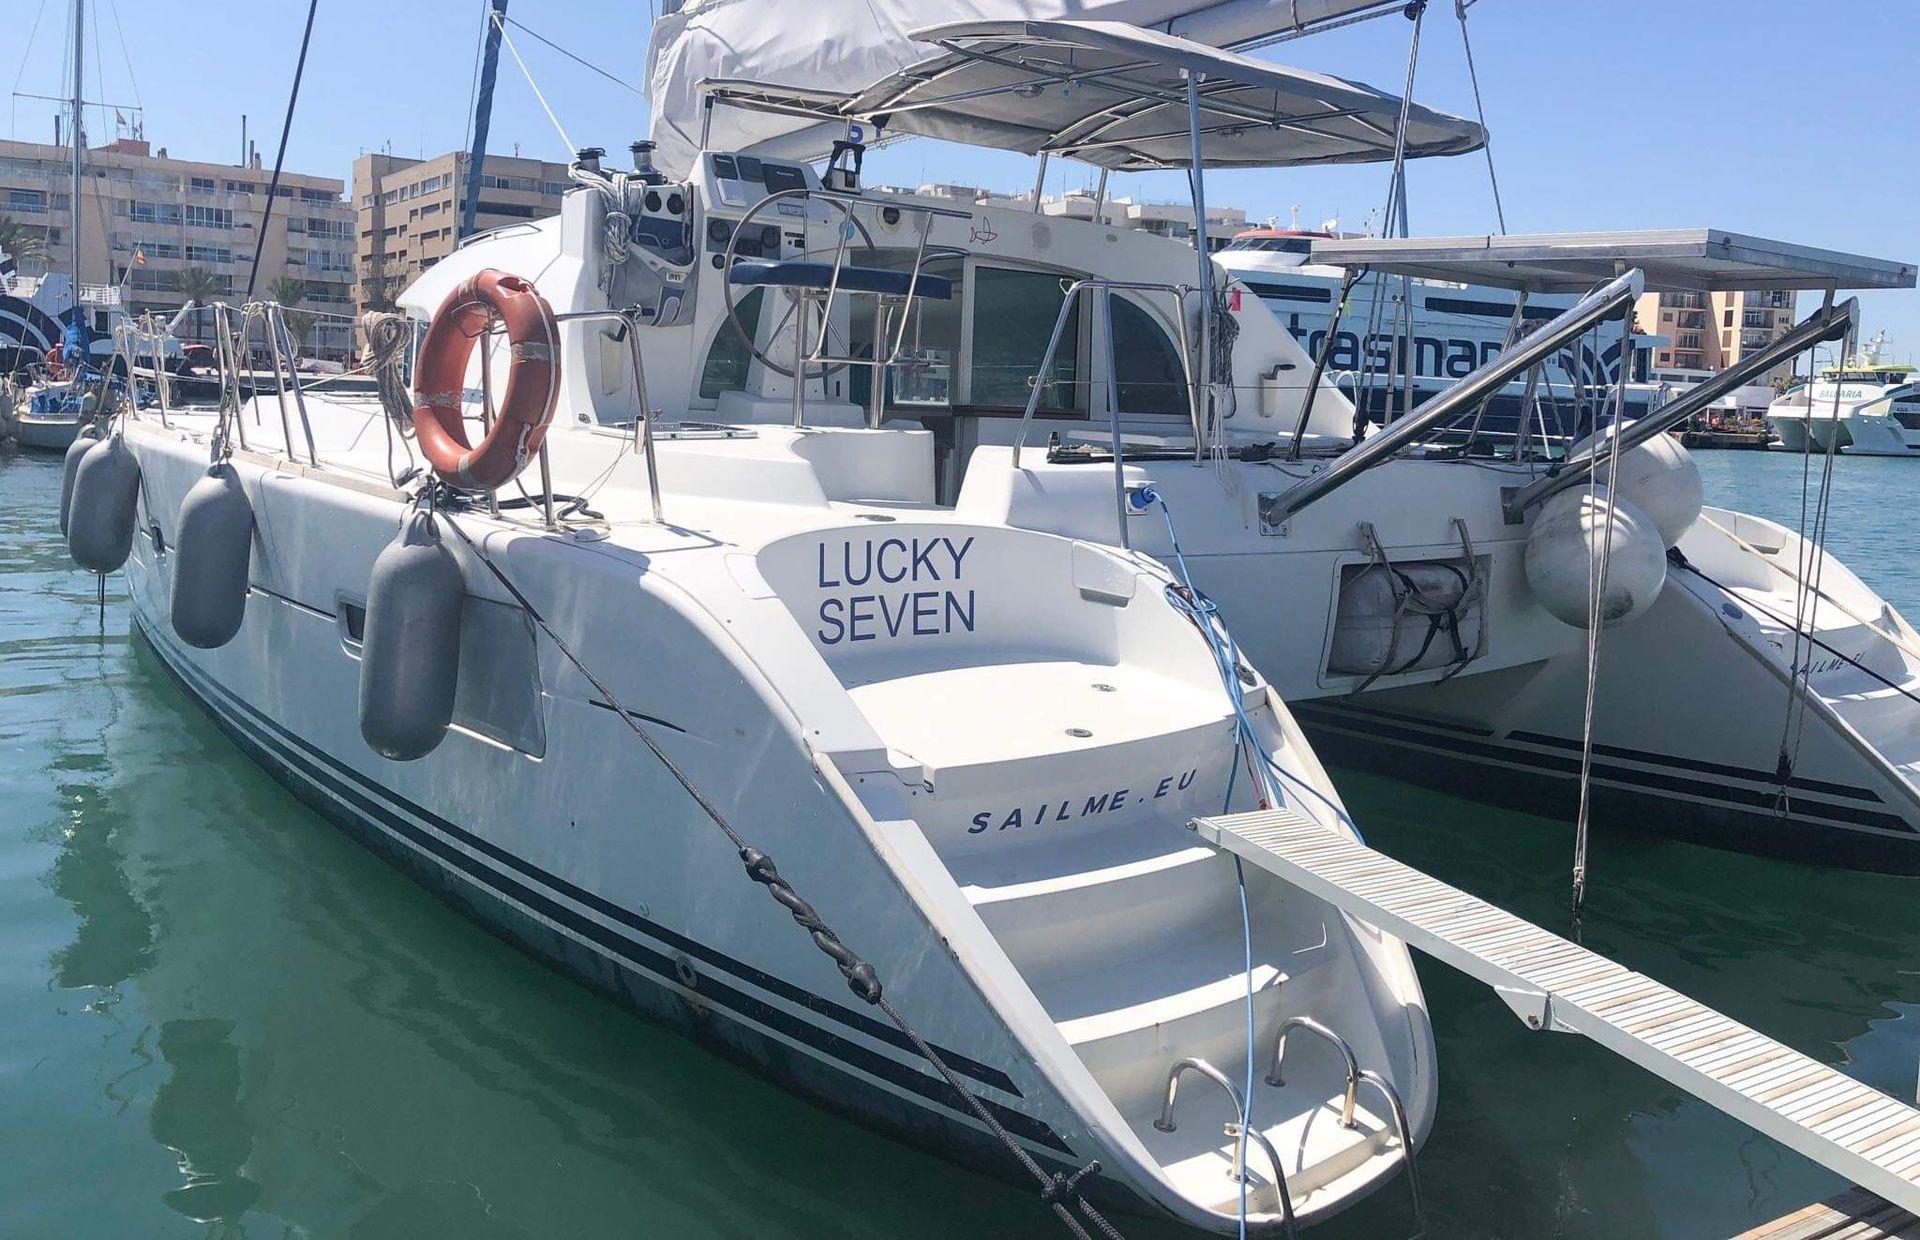 https://media.insailing.com/boat/lucky-seven-2/image_1595573517564.jpg